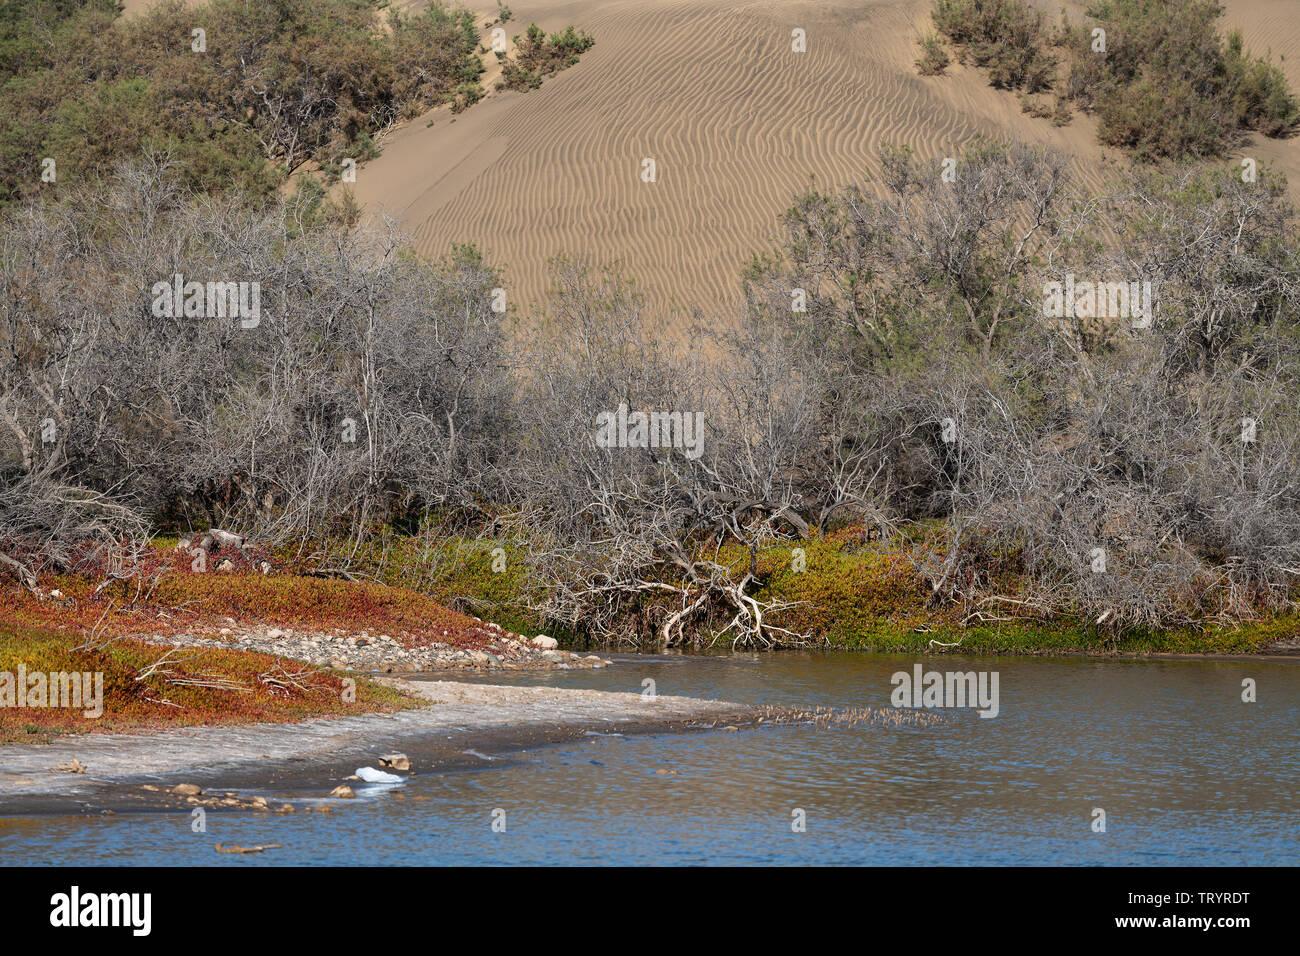 Die Lagune (La Charka) von Maspalomas mit einer Düne im Hintergrund - Stock Image